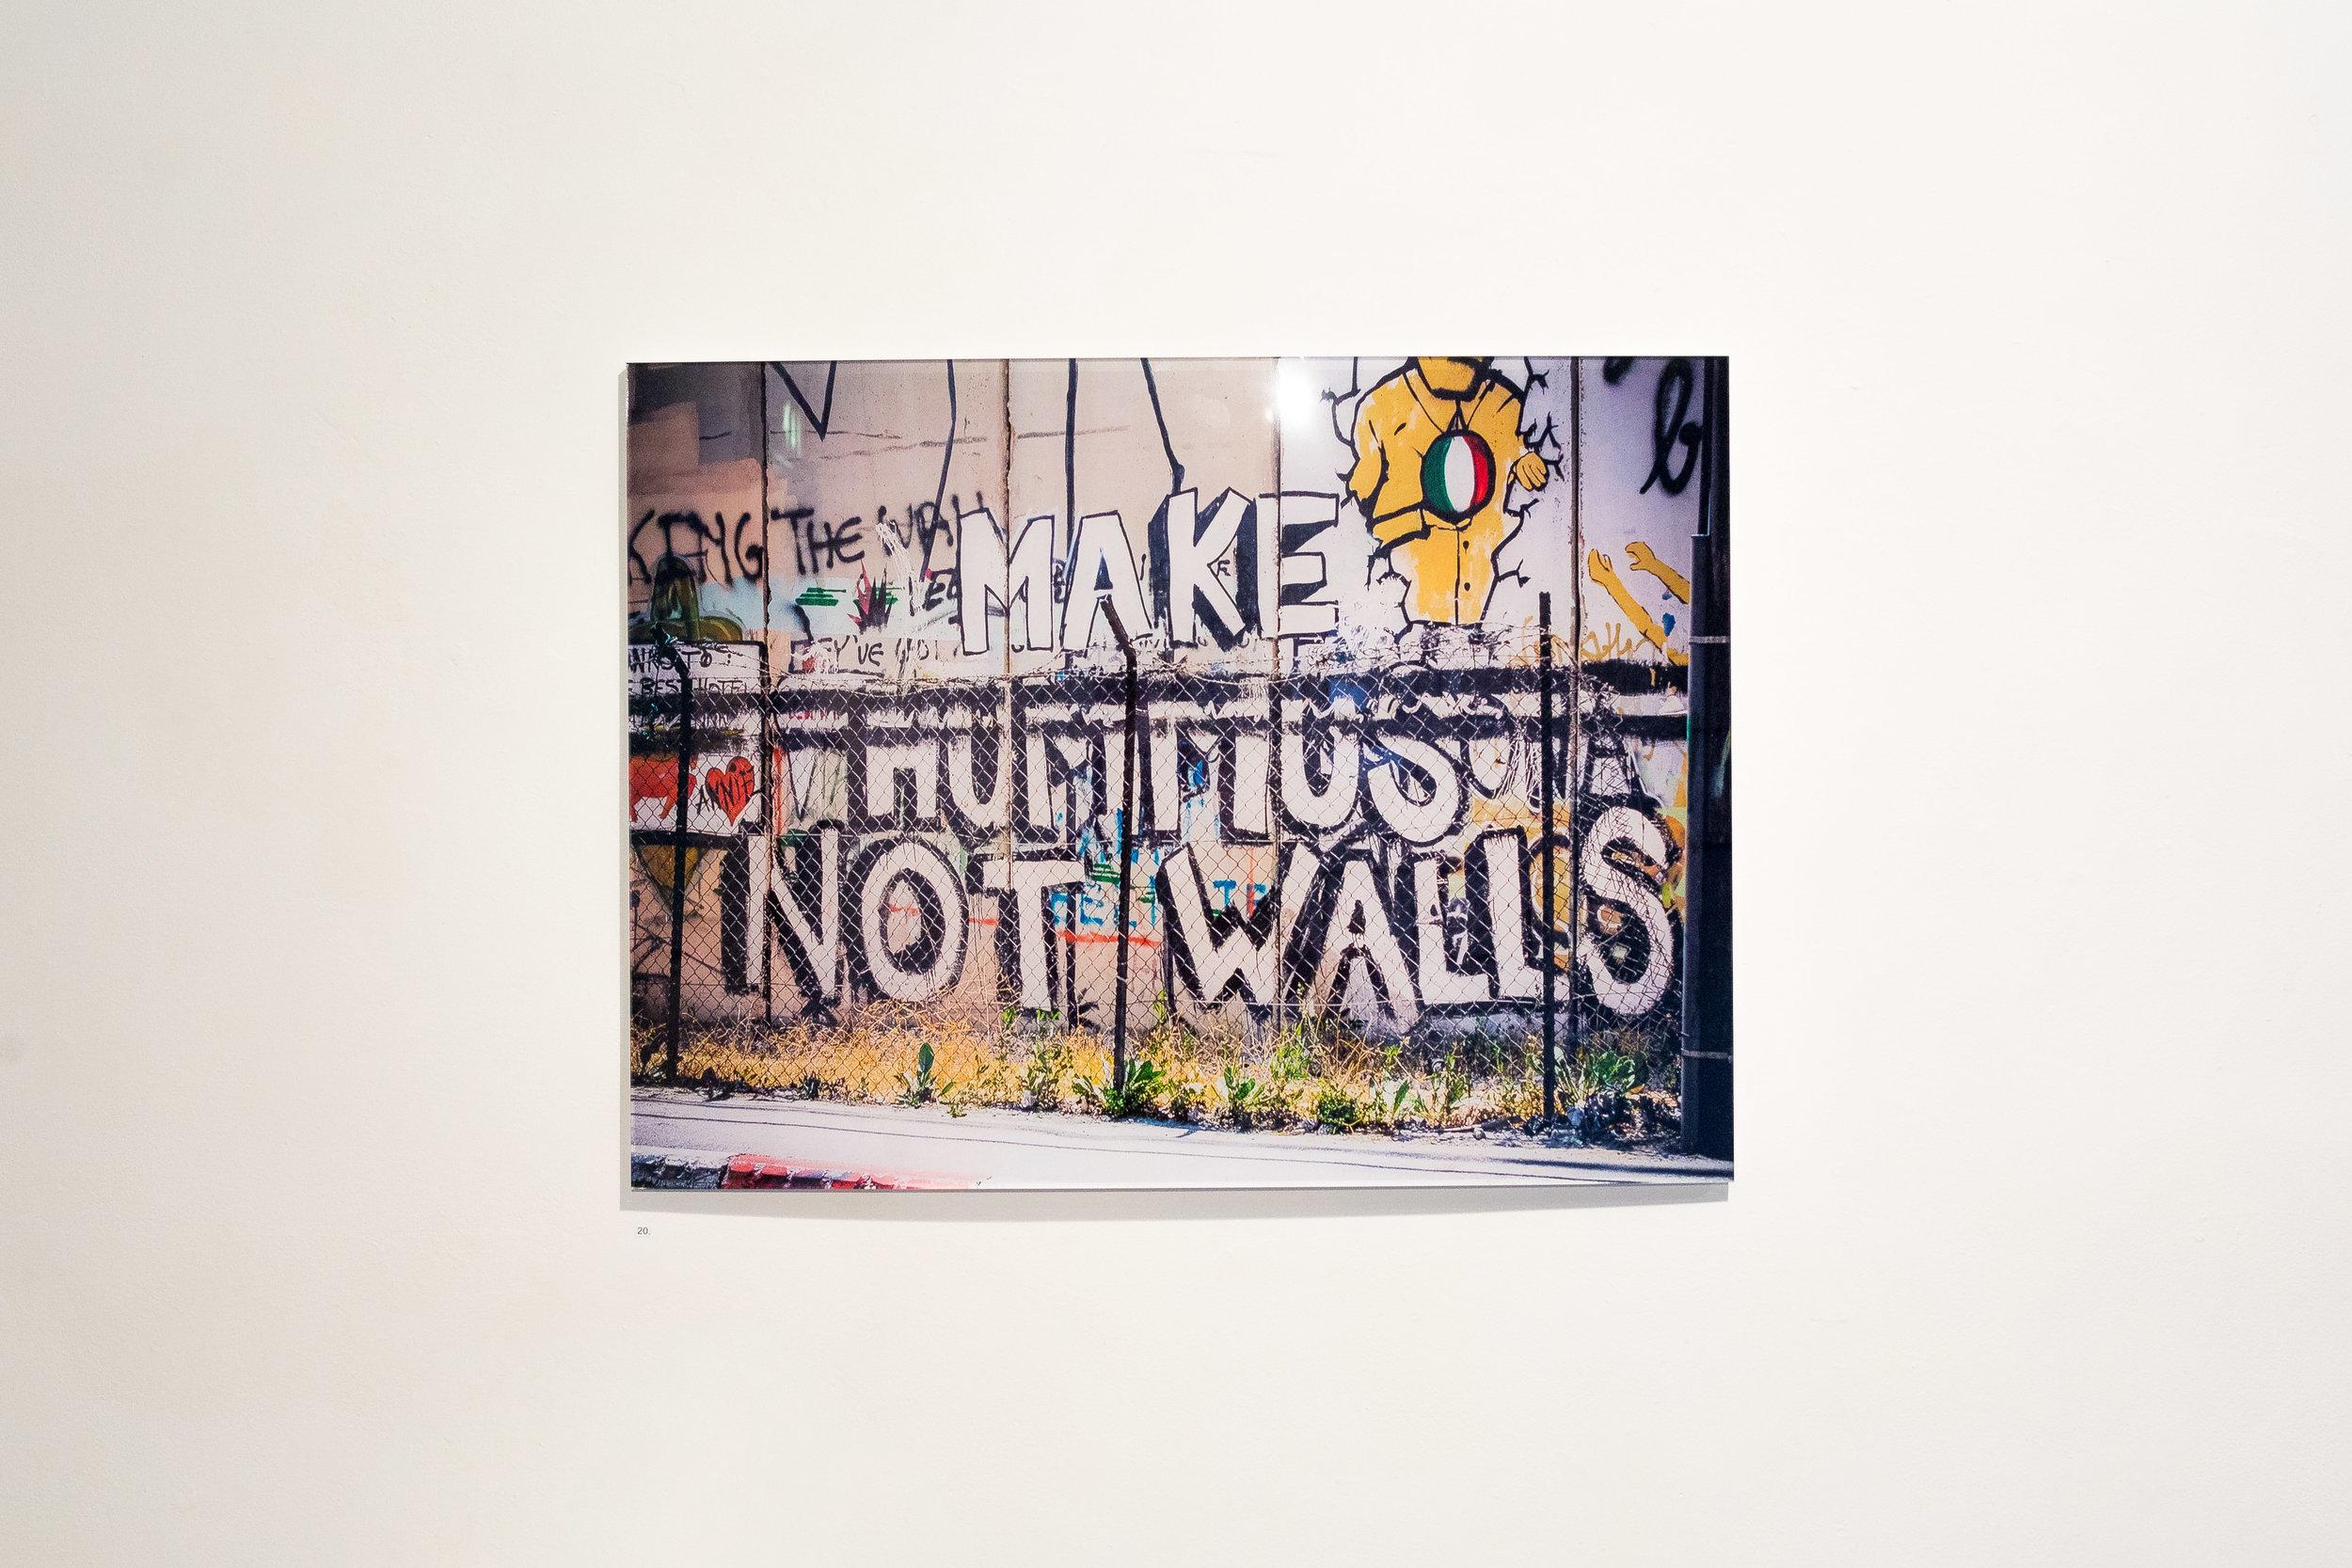 Make Hummus Not Walls, 2017